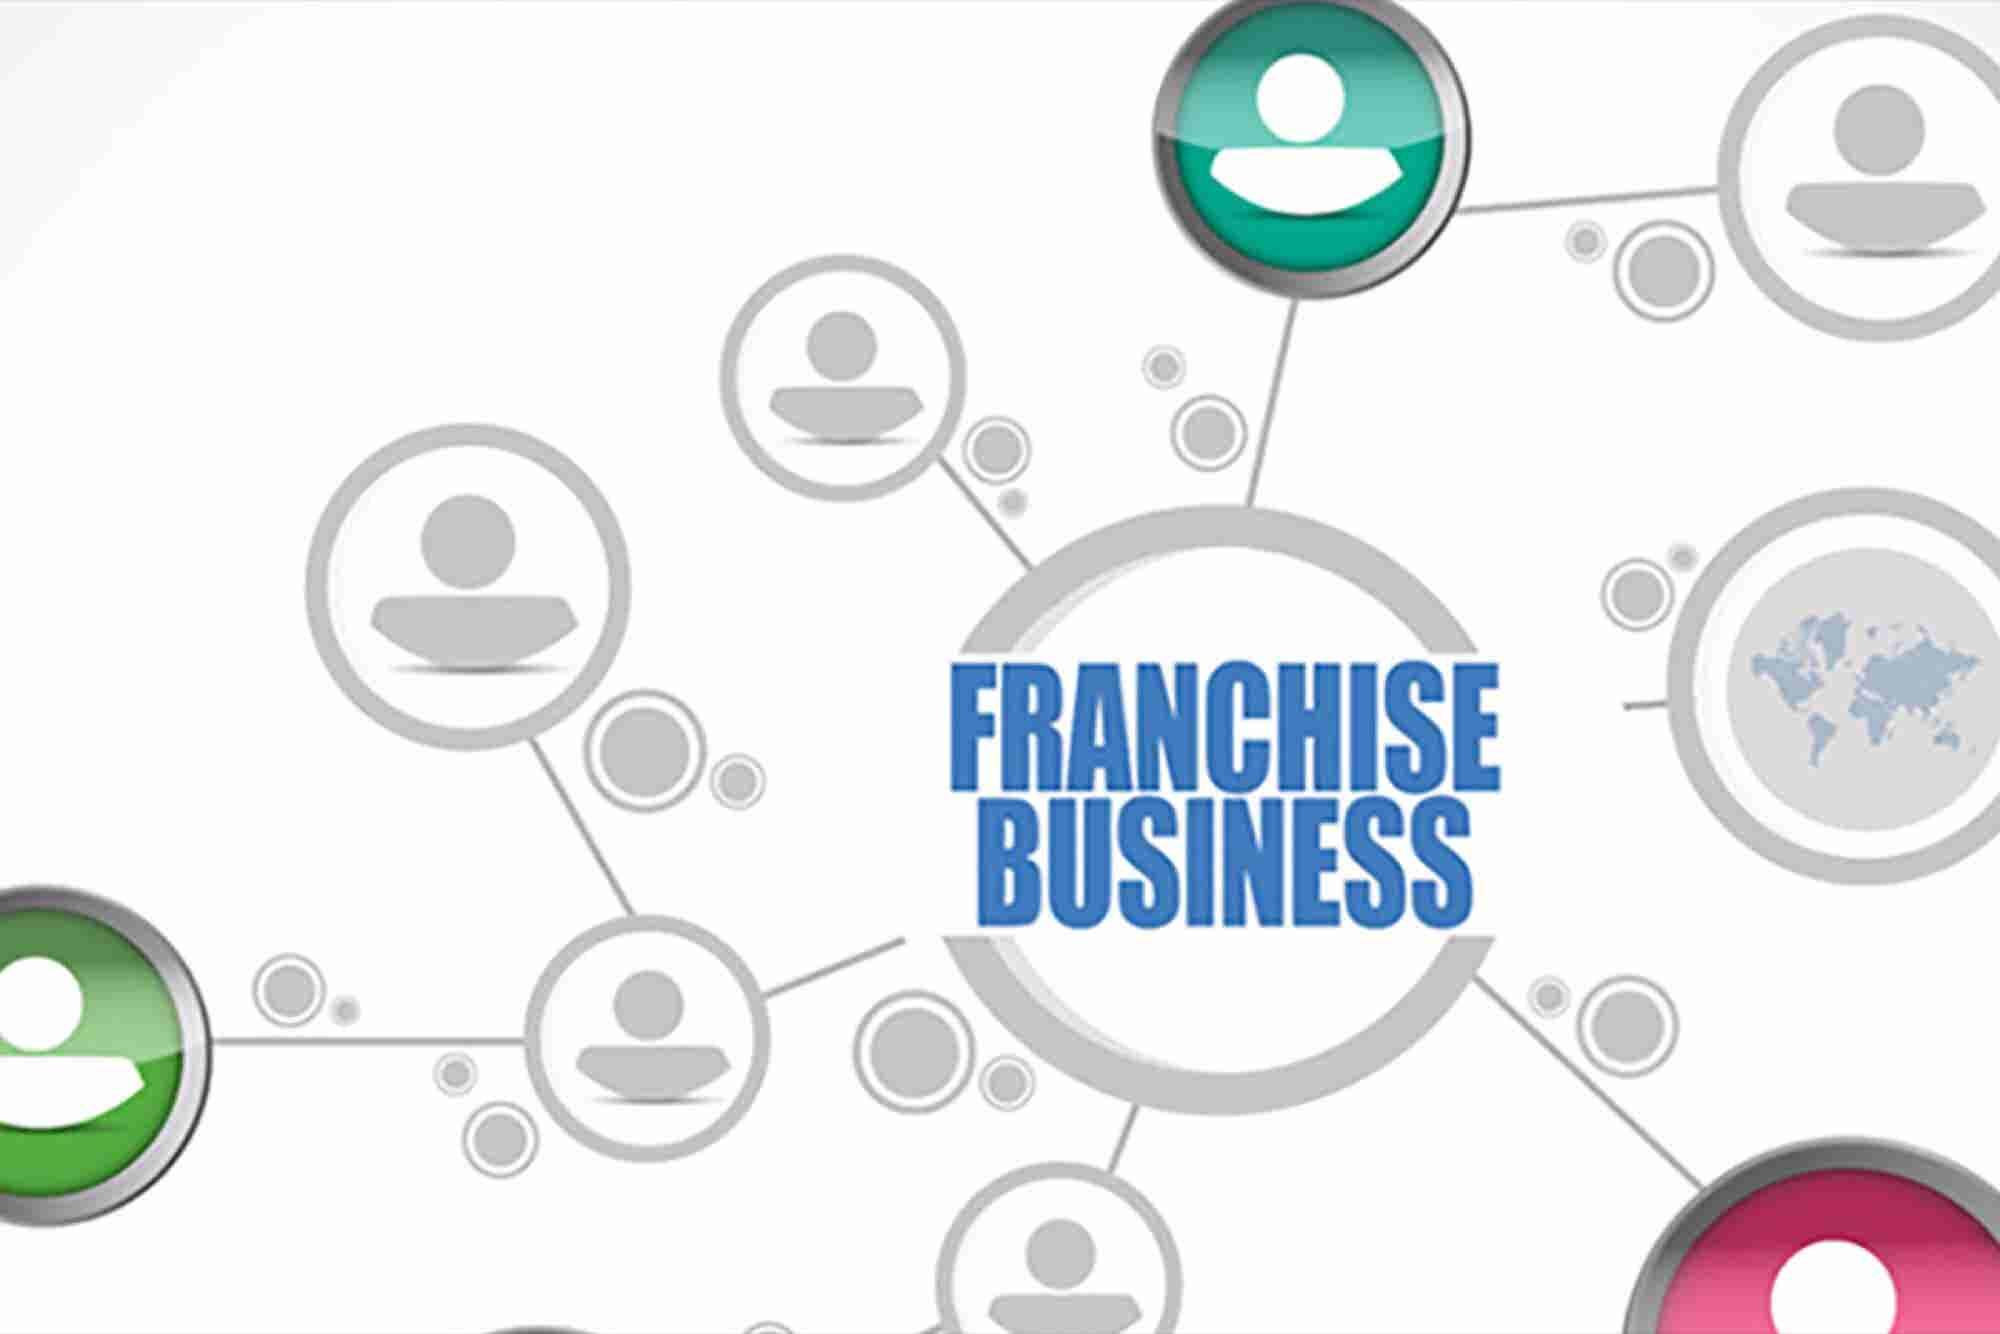 ¿Tu negocio está listo para franquiciar?